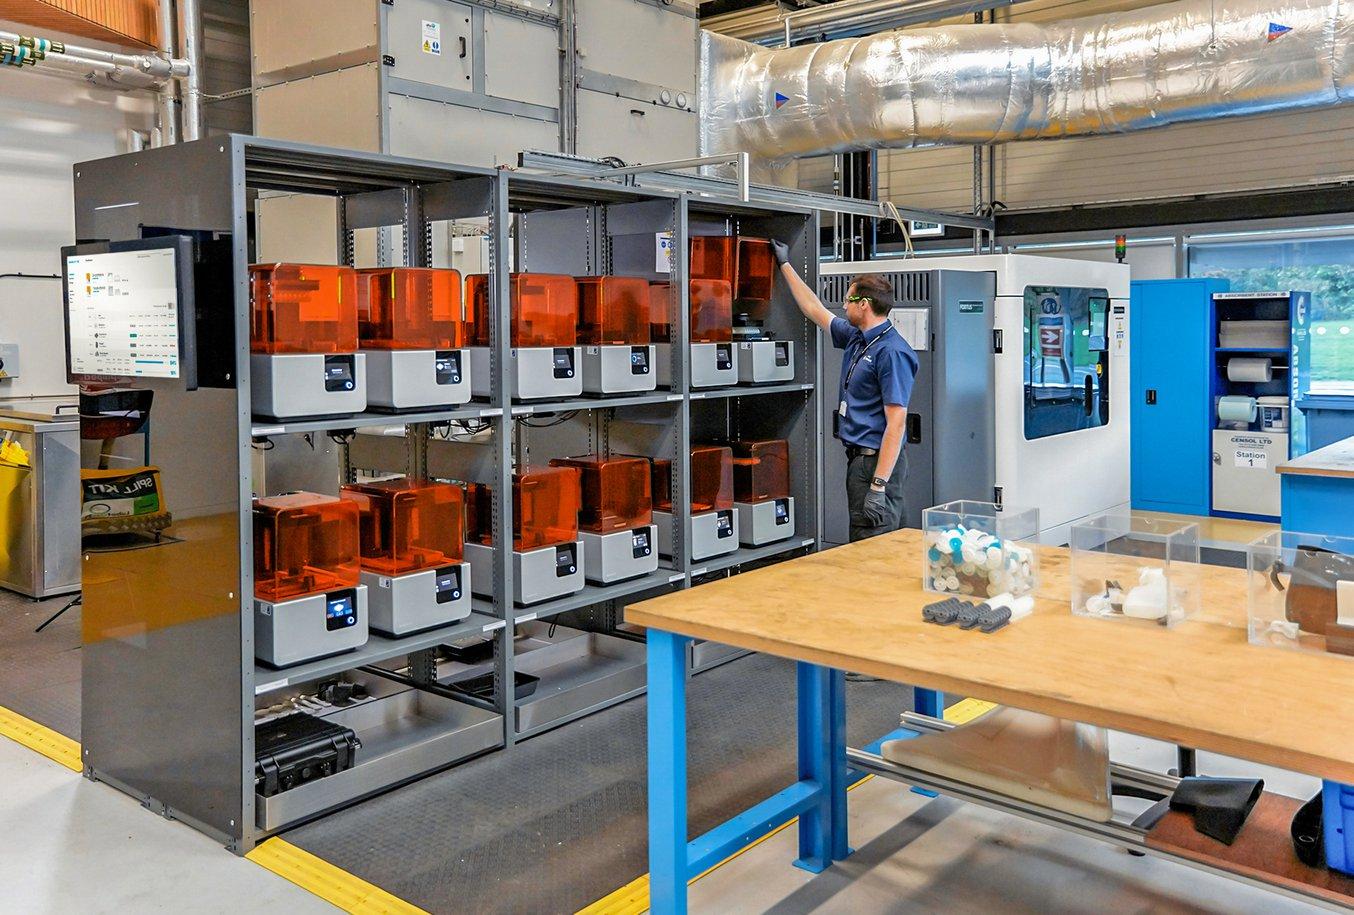 Williams ha stampato le parti utilizzando la nuova postazione di stampa 3D dell'AMRC, che ospita una flotta di 12 stampanti 3D stereolitografiche Form 2.